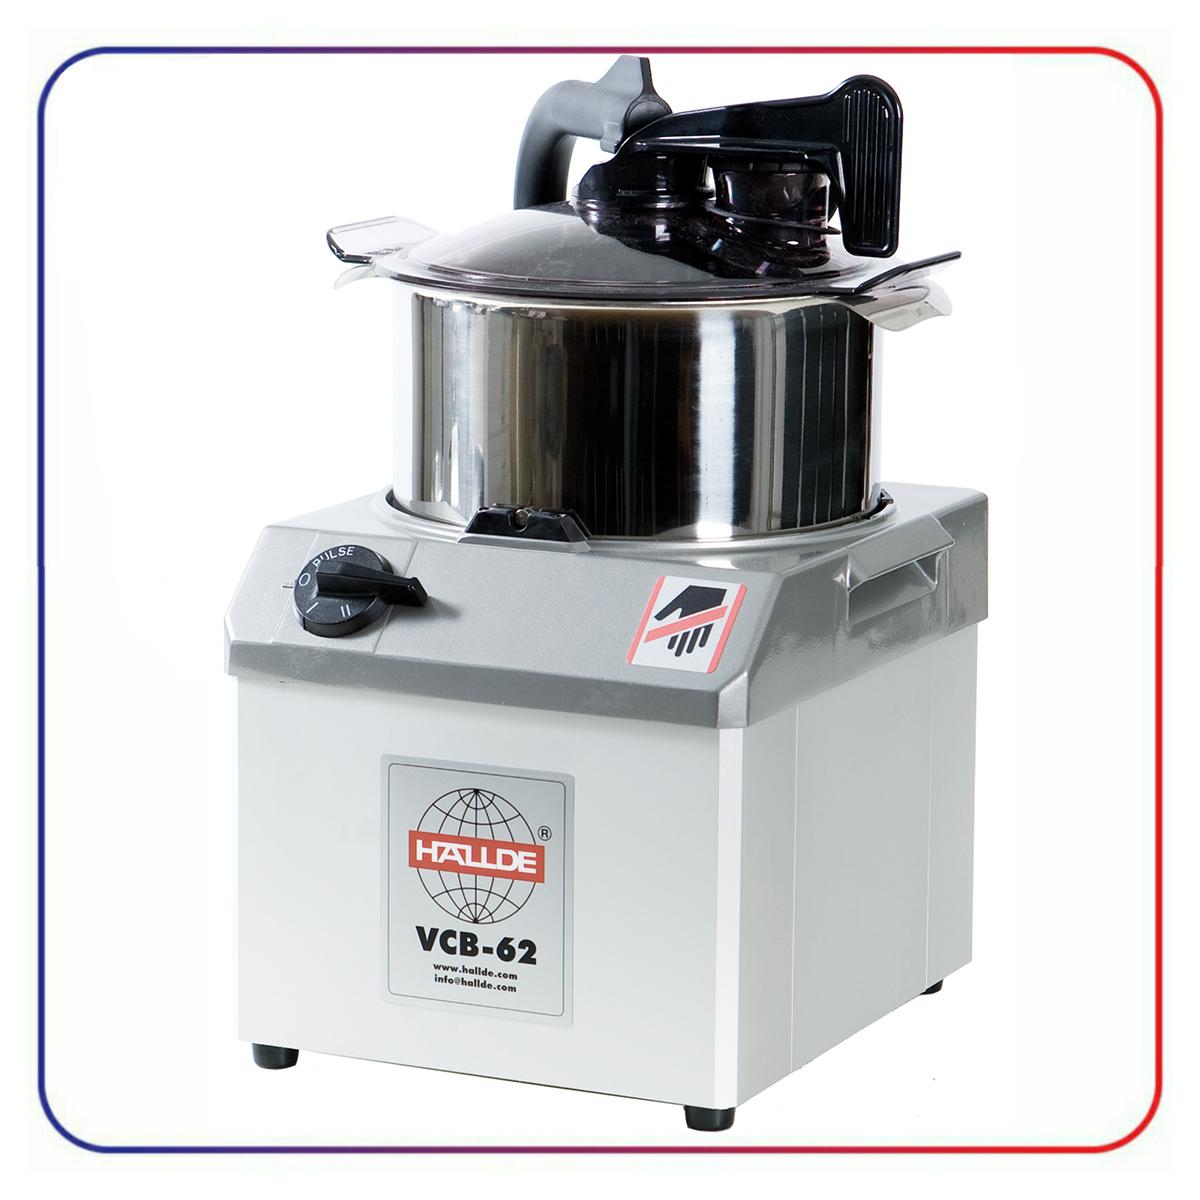 غذاساز هالد HALLDE VCB-62